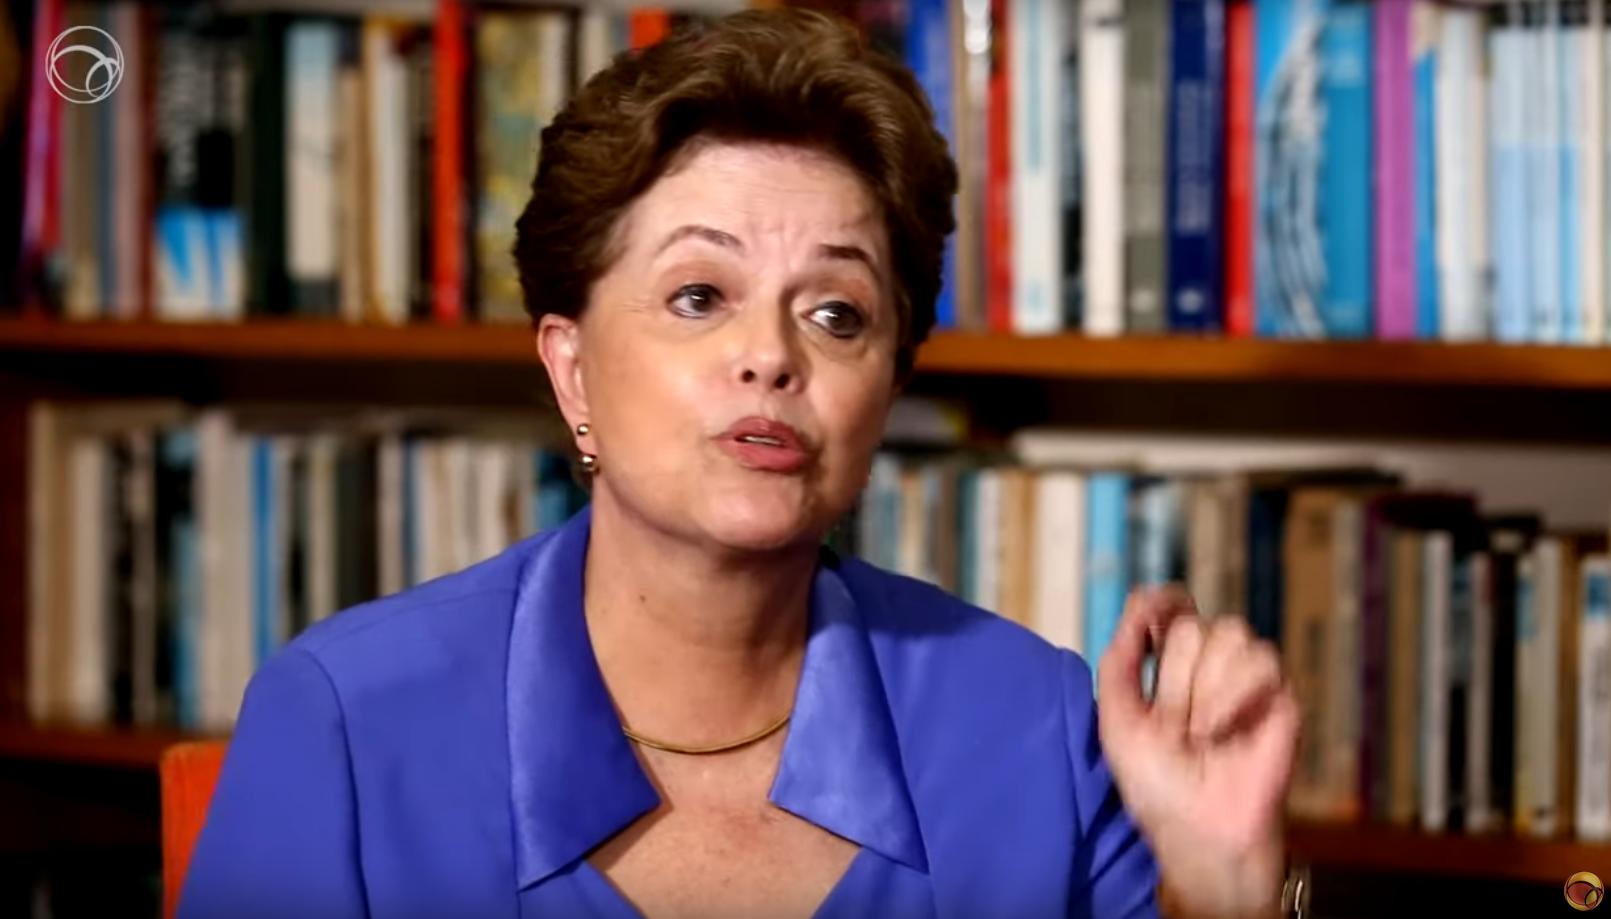 L'ex-présidente brésilienne Dilma Rousseff interviewée par UOL, le 31 juillet 2019.